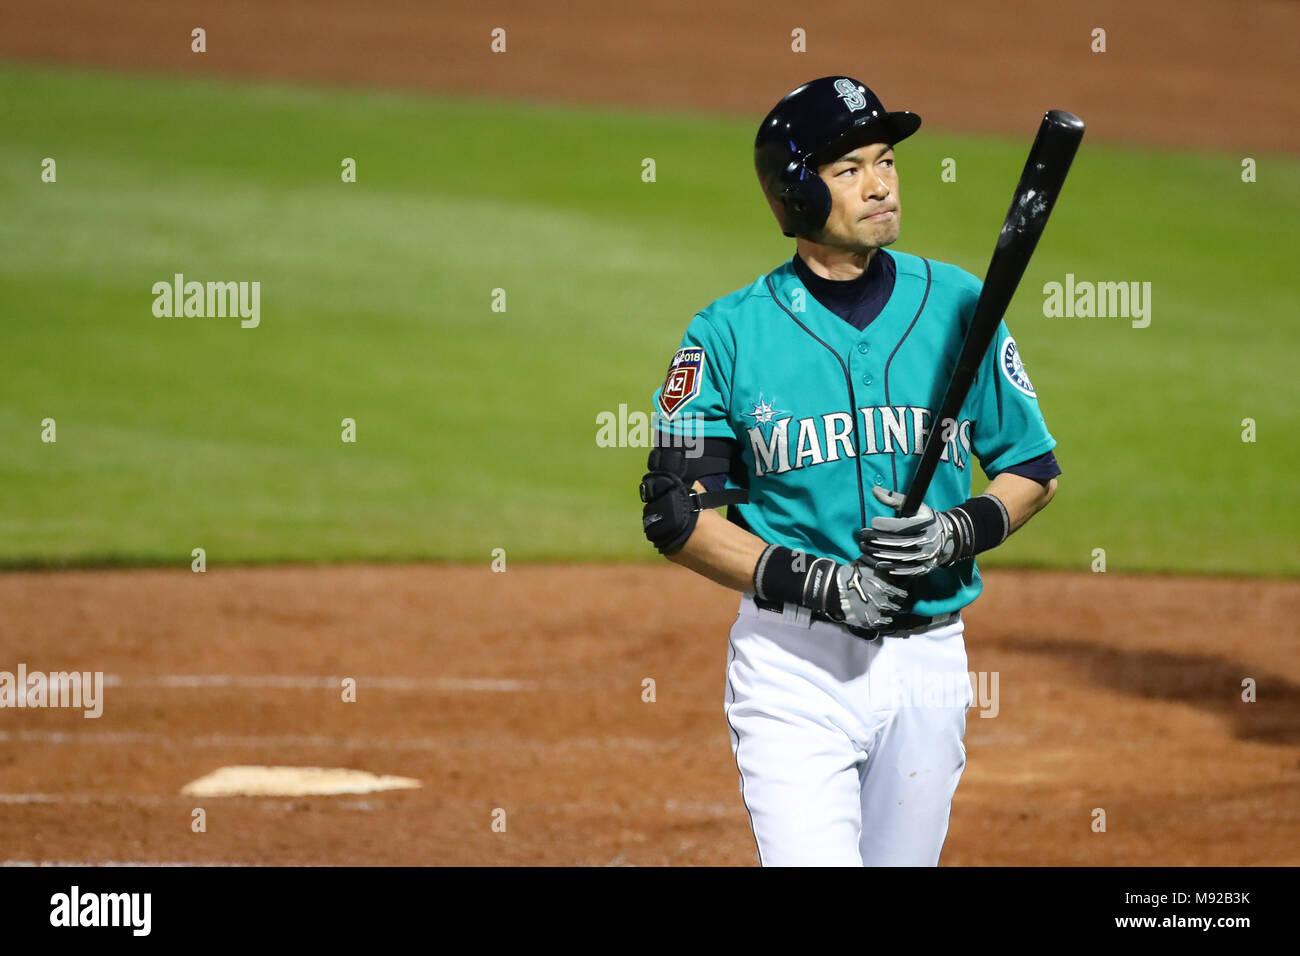 11a3c8fa5d Peoria Stadium, Arizona, USA. 21st Mar, 2018. Ichiro Suzuki (Mariners),  MARCH 21, 2018 - MLB : Ichiro Suzuki of the Seattle ...